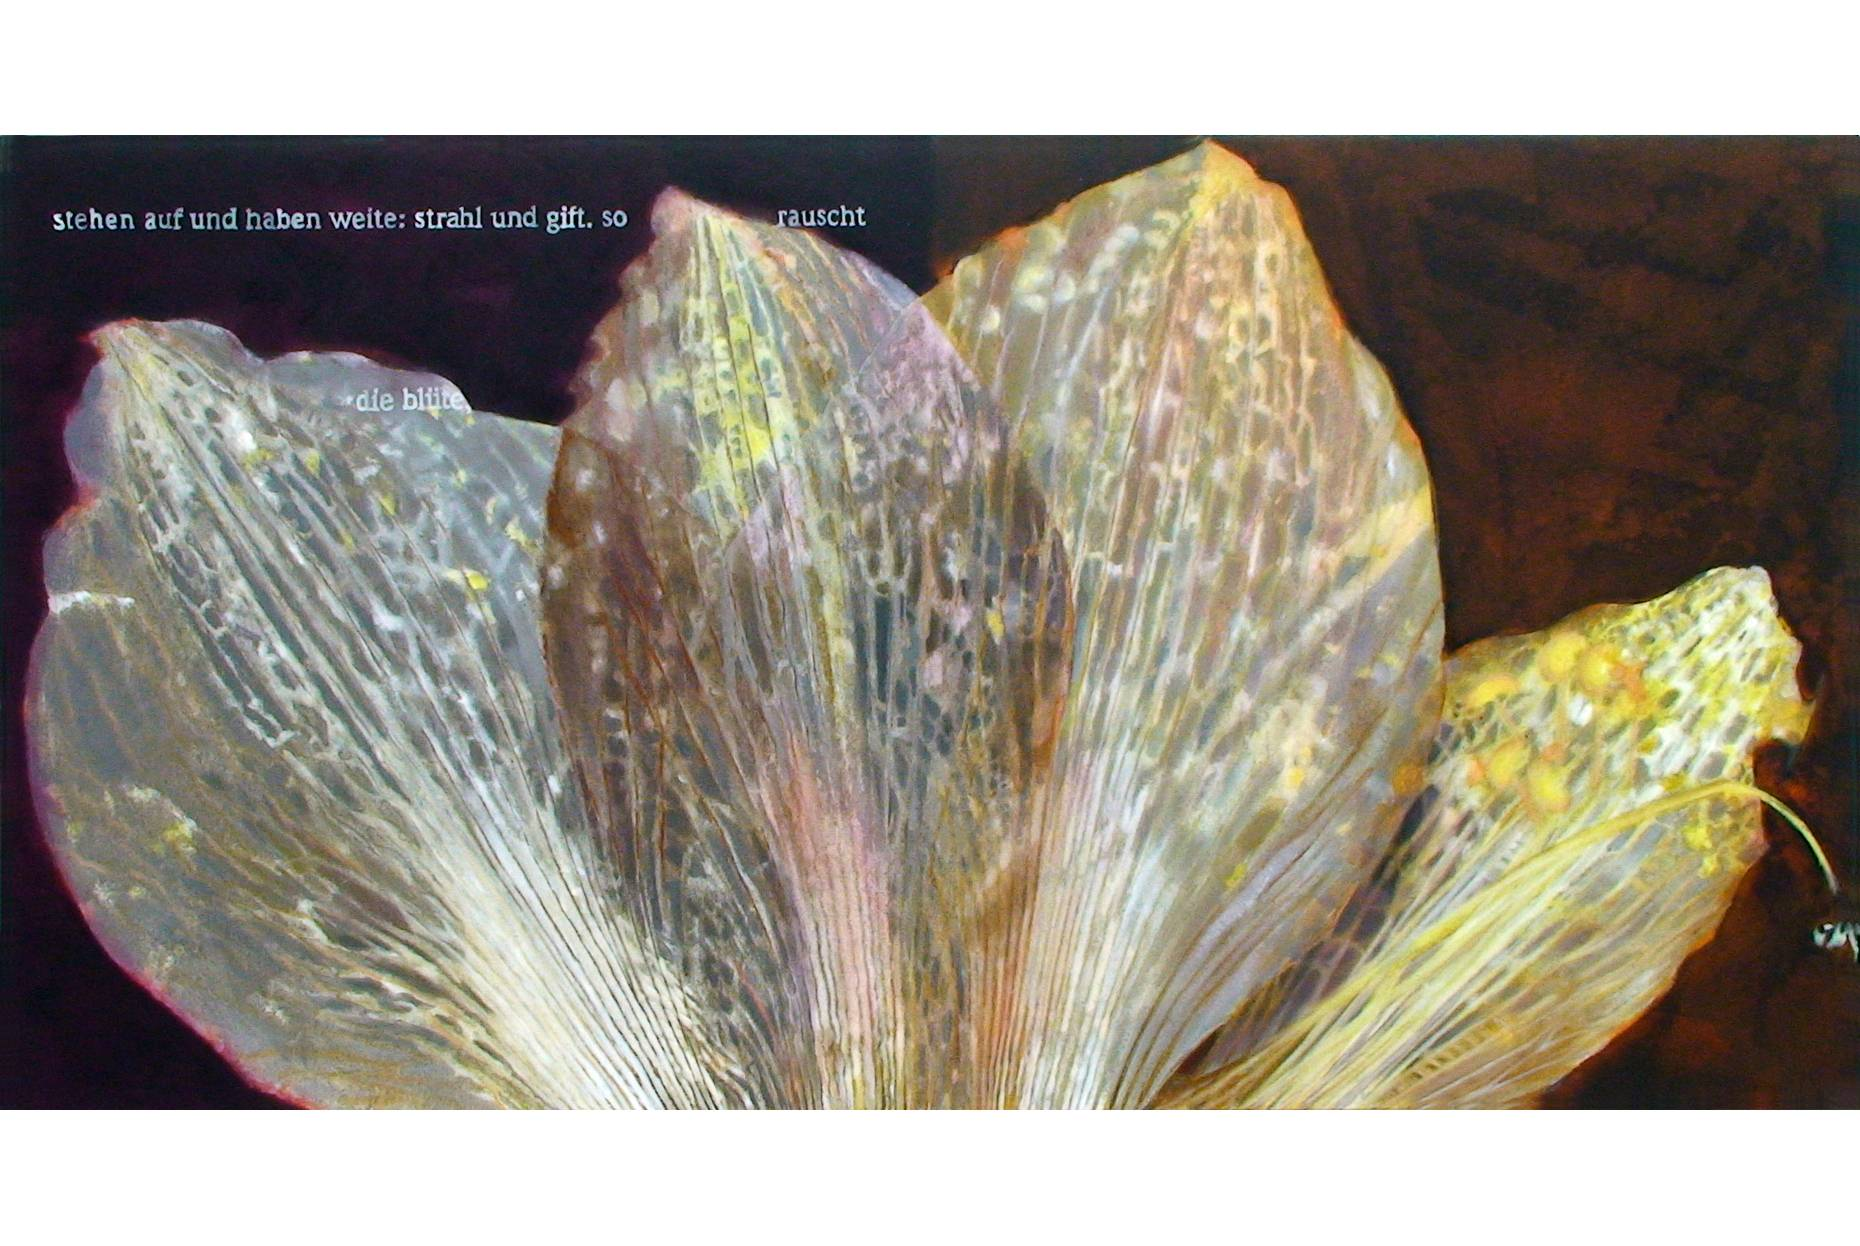 stehen auf und haben weite 2006 Aquarell- und Acrylfarbe a/Nessel 90 x 170 cm